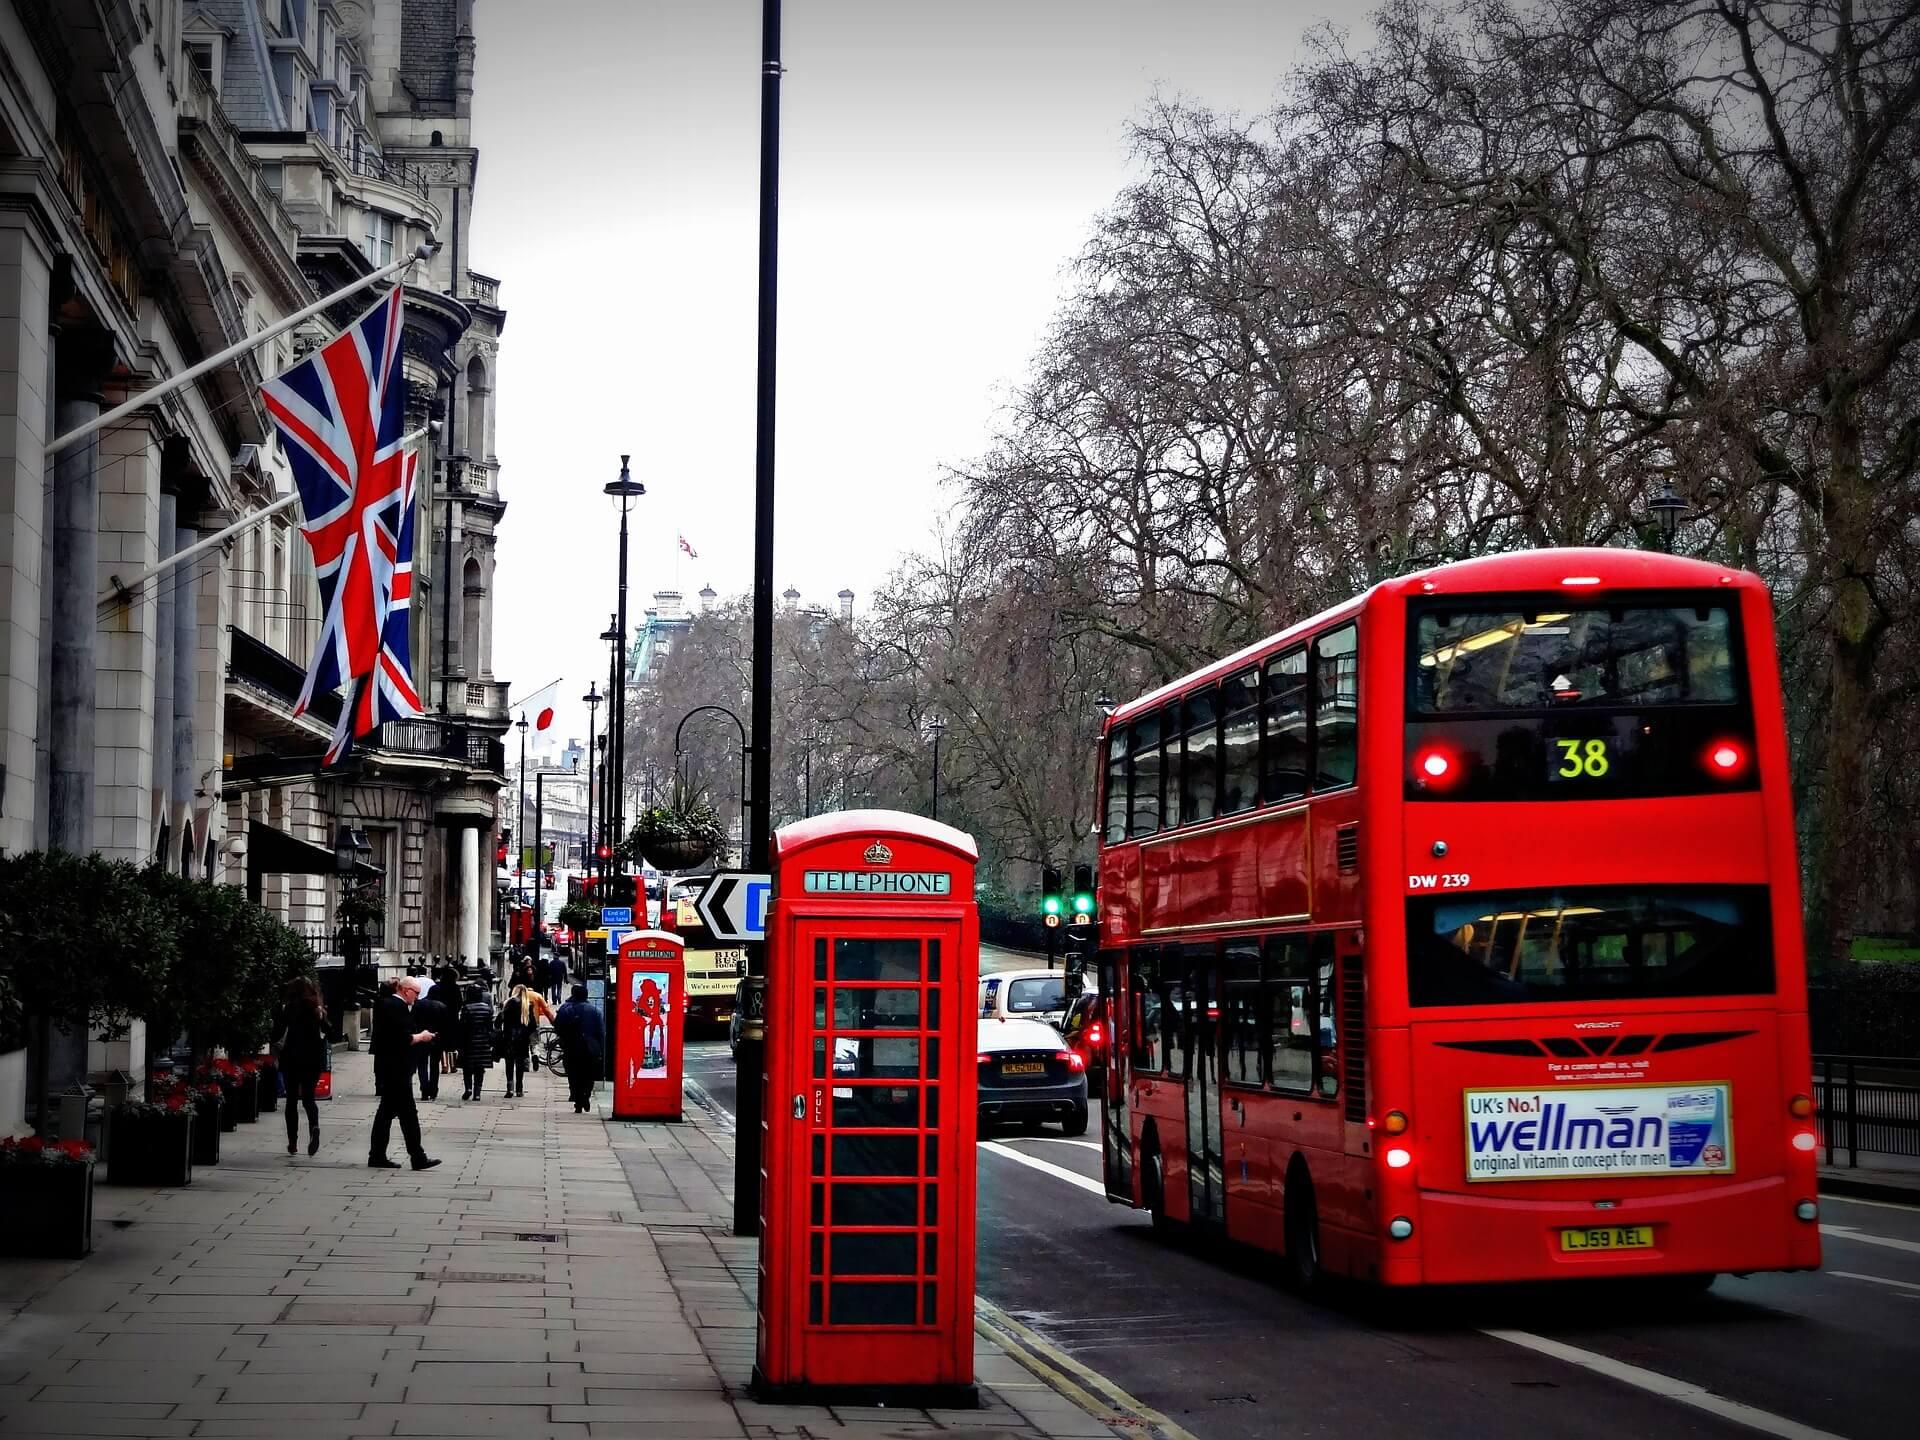 červený autobus v londýně - MSM Academy